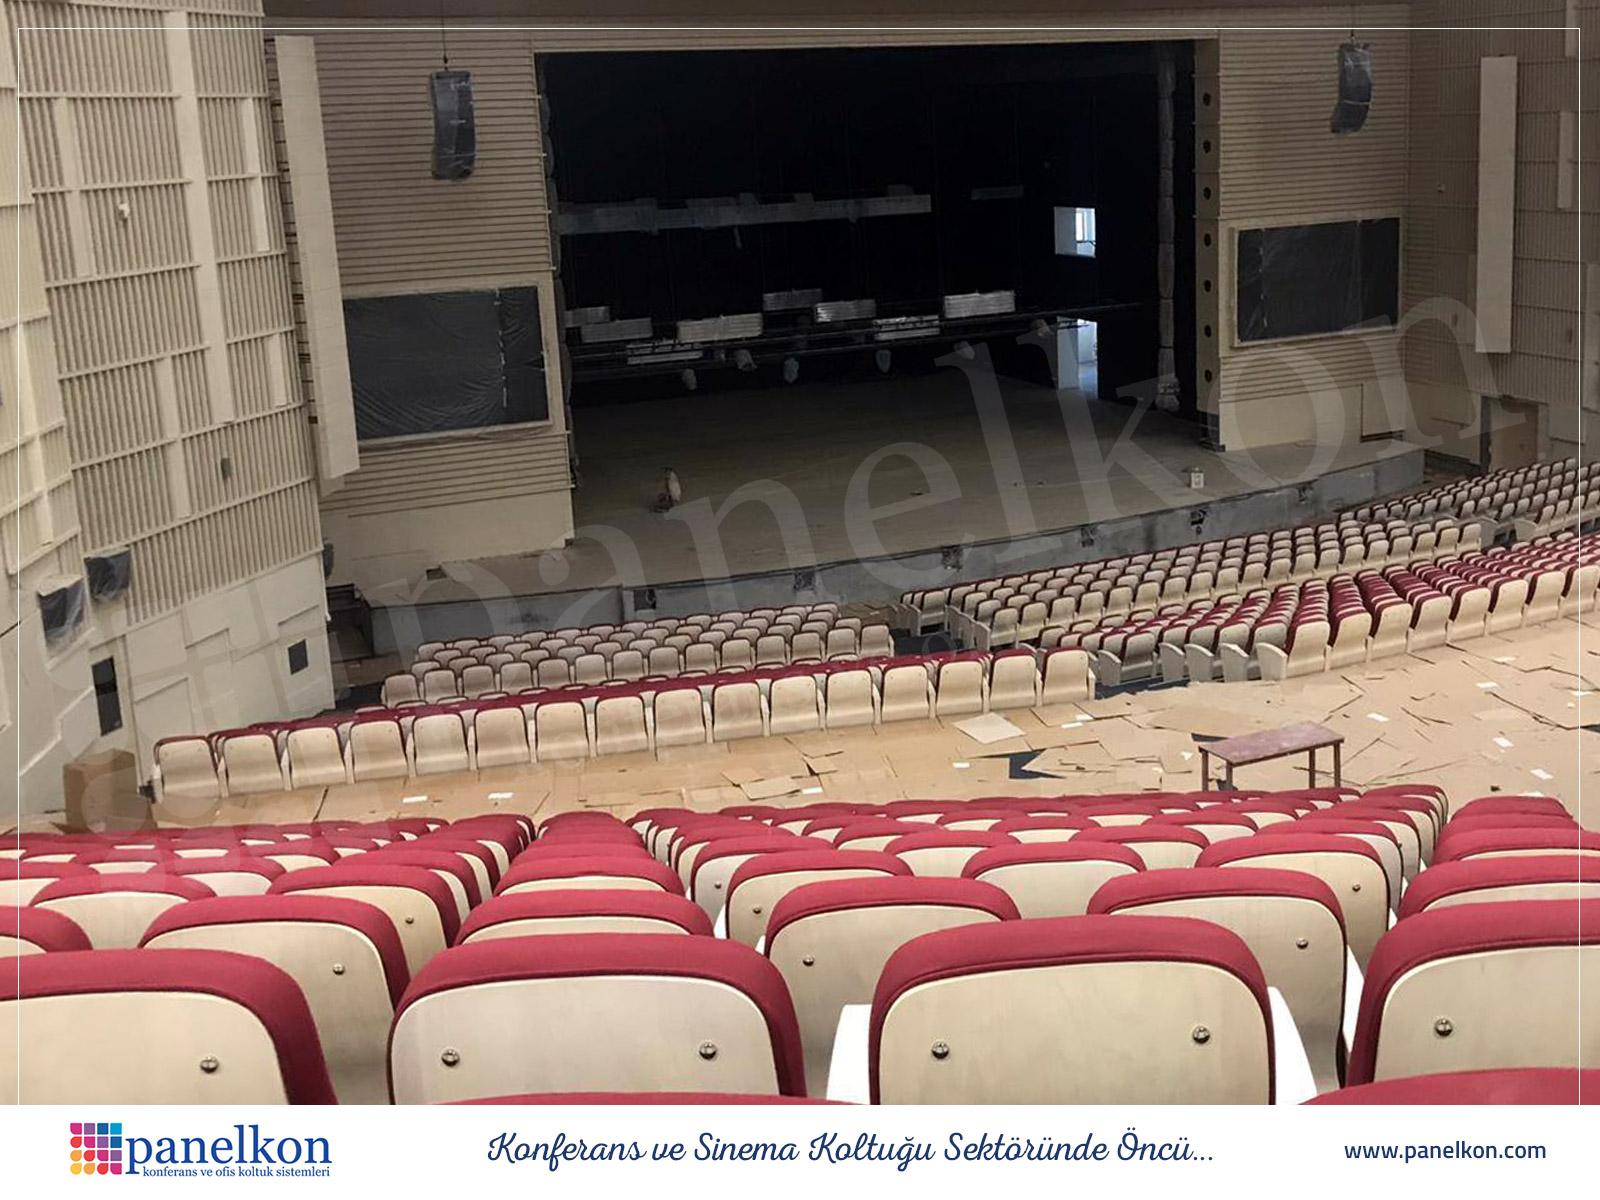 kayseri-kültür-merkezi-konferans-salonu-koltuklari-3